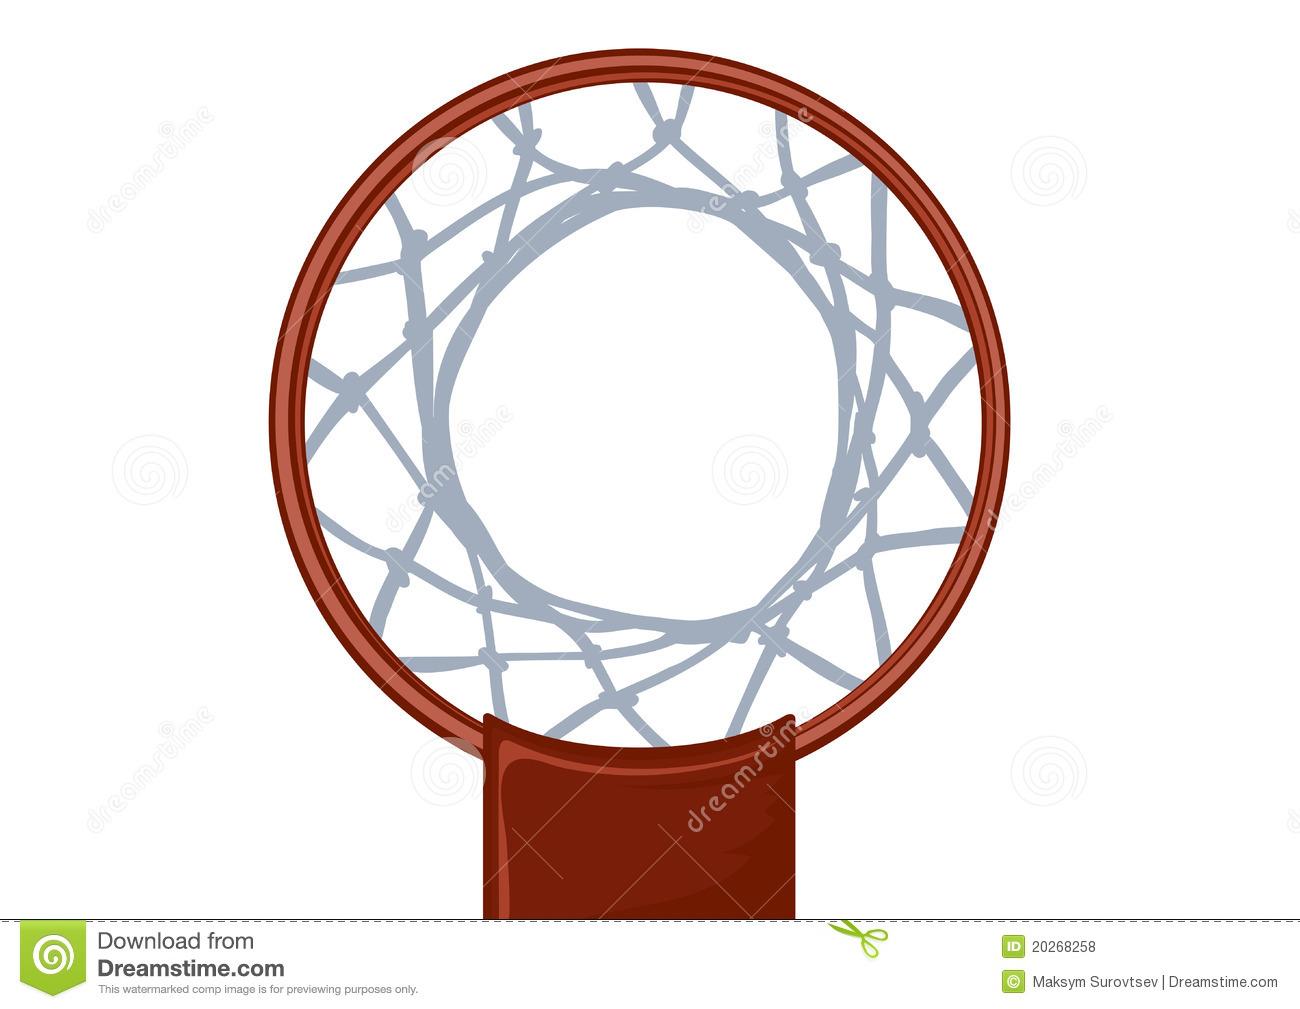 1300x1009 Hoop Basketball Ring Net Clipart Asian Contenent Context Diagram